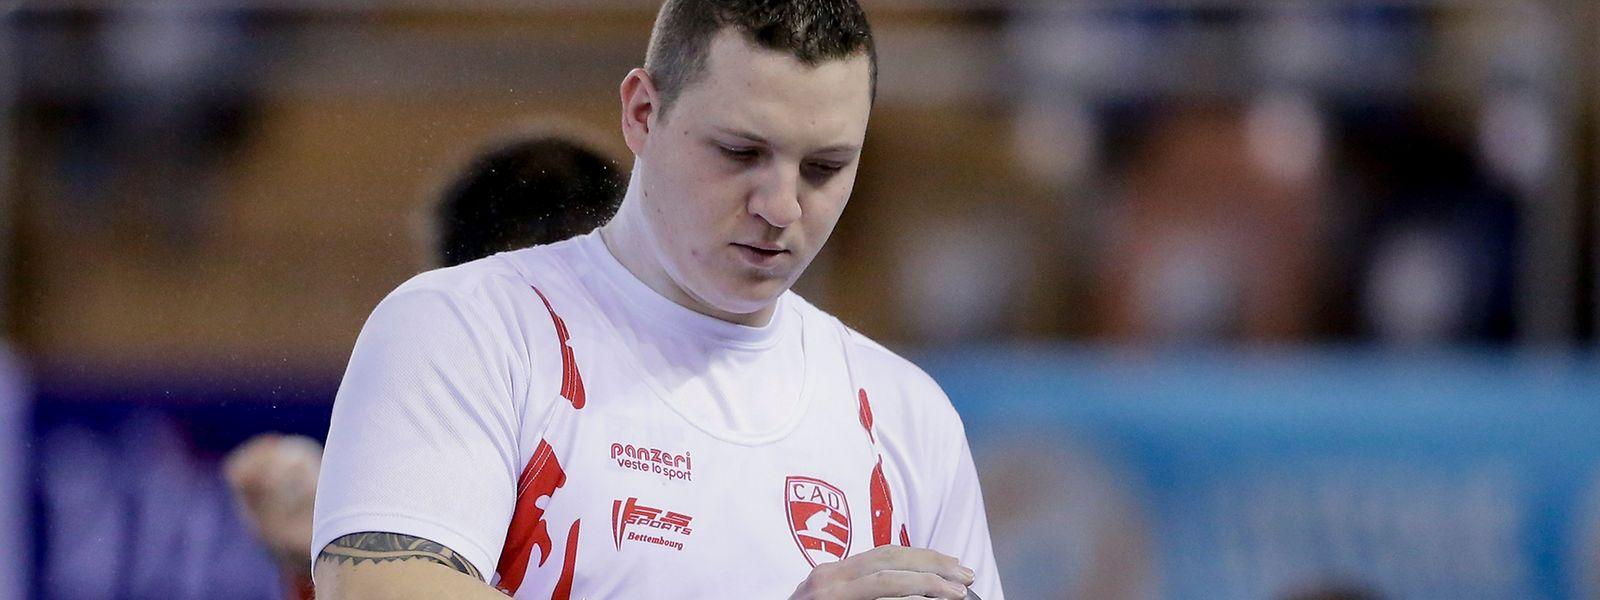 Tom Habscheid ist bisher der einzige luxemburgischer Athlet, der sicher zu den Paralympischen Spielen nach Rio fahren wird